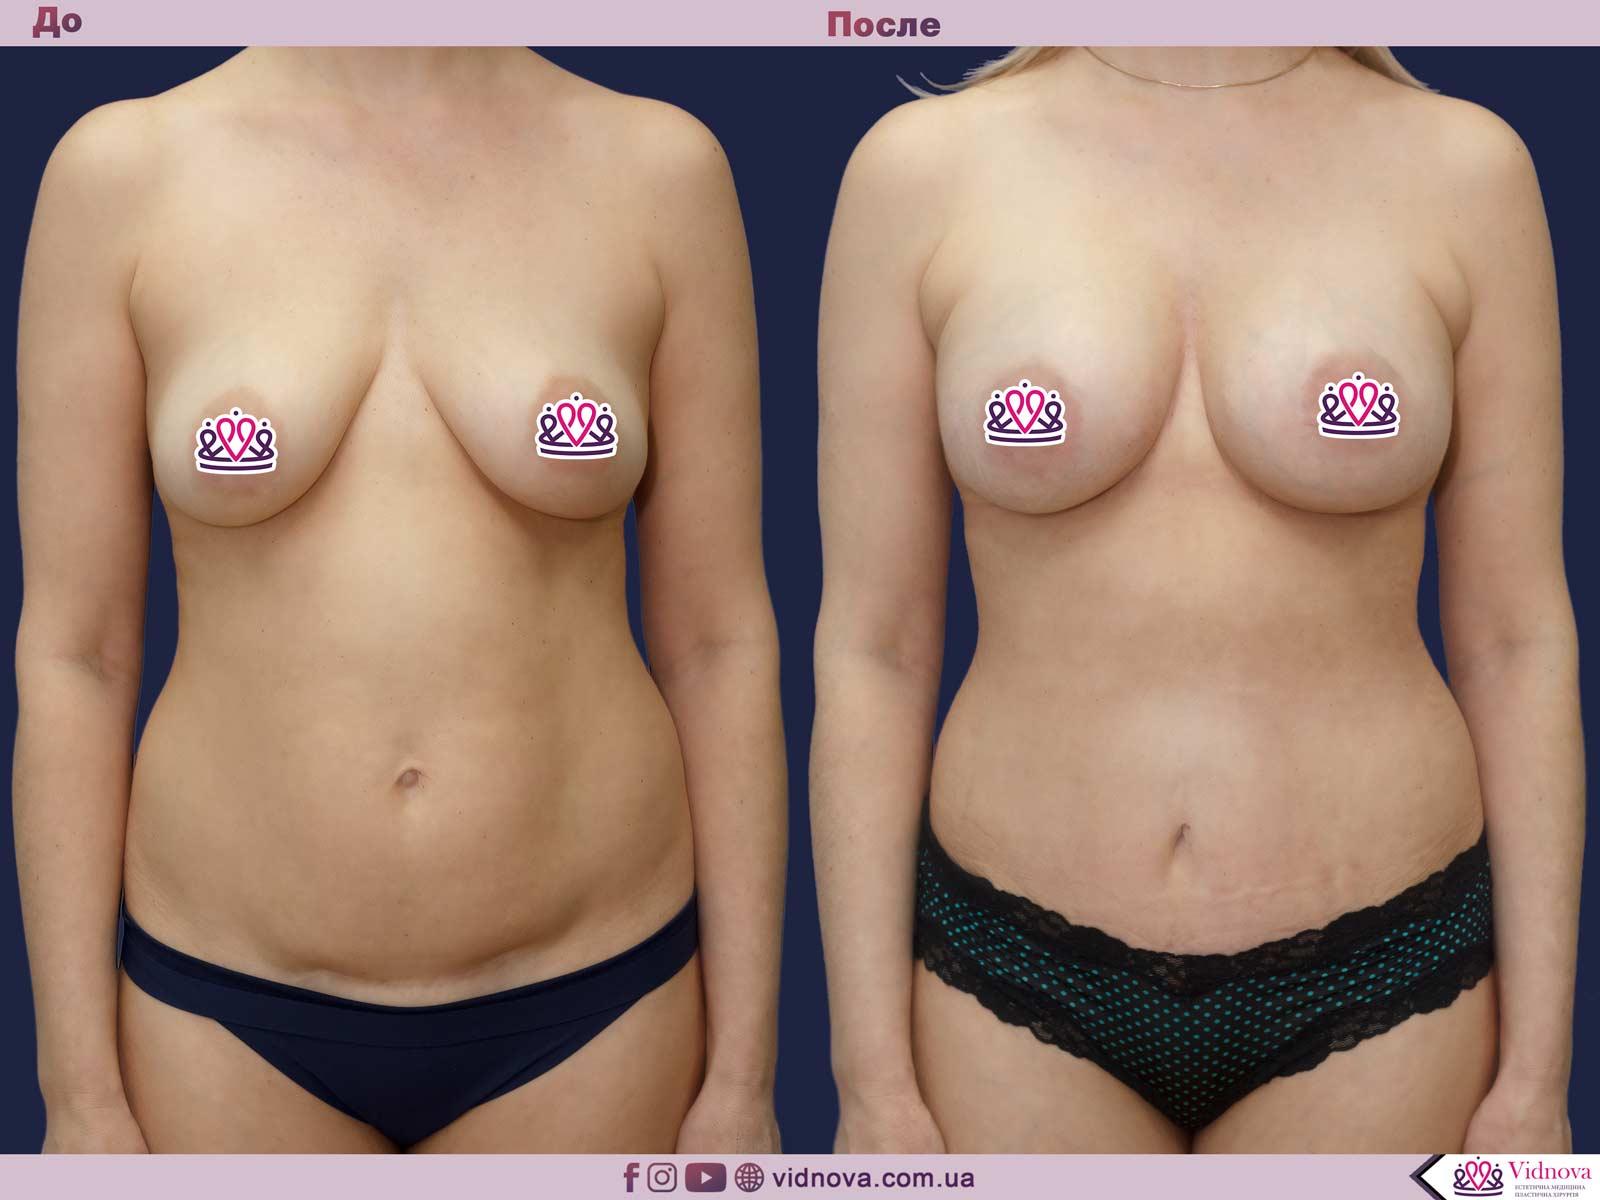 Пластика груди: результаты до и после - Пример №32-0 - Светлана Работенко